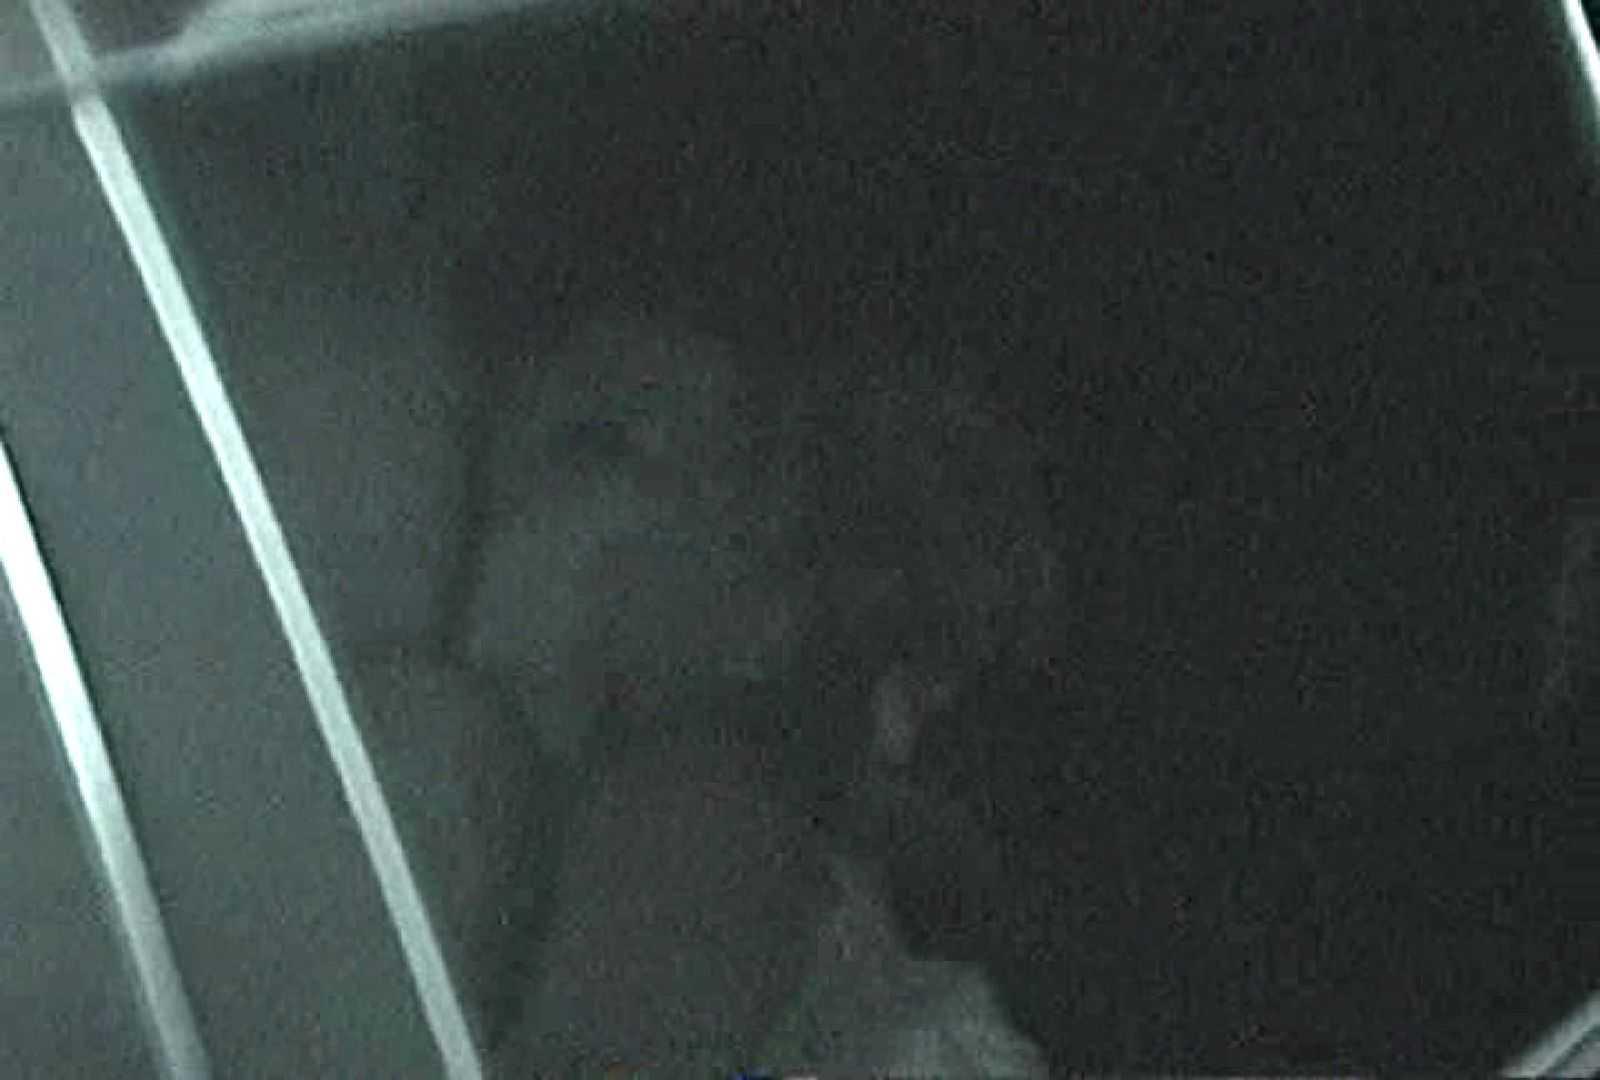 「充血監督」さんの深夜の運動会!! vol.053 セックスする女性達 オメコ動画キャプチャ 106画像 66